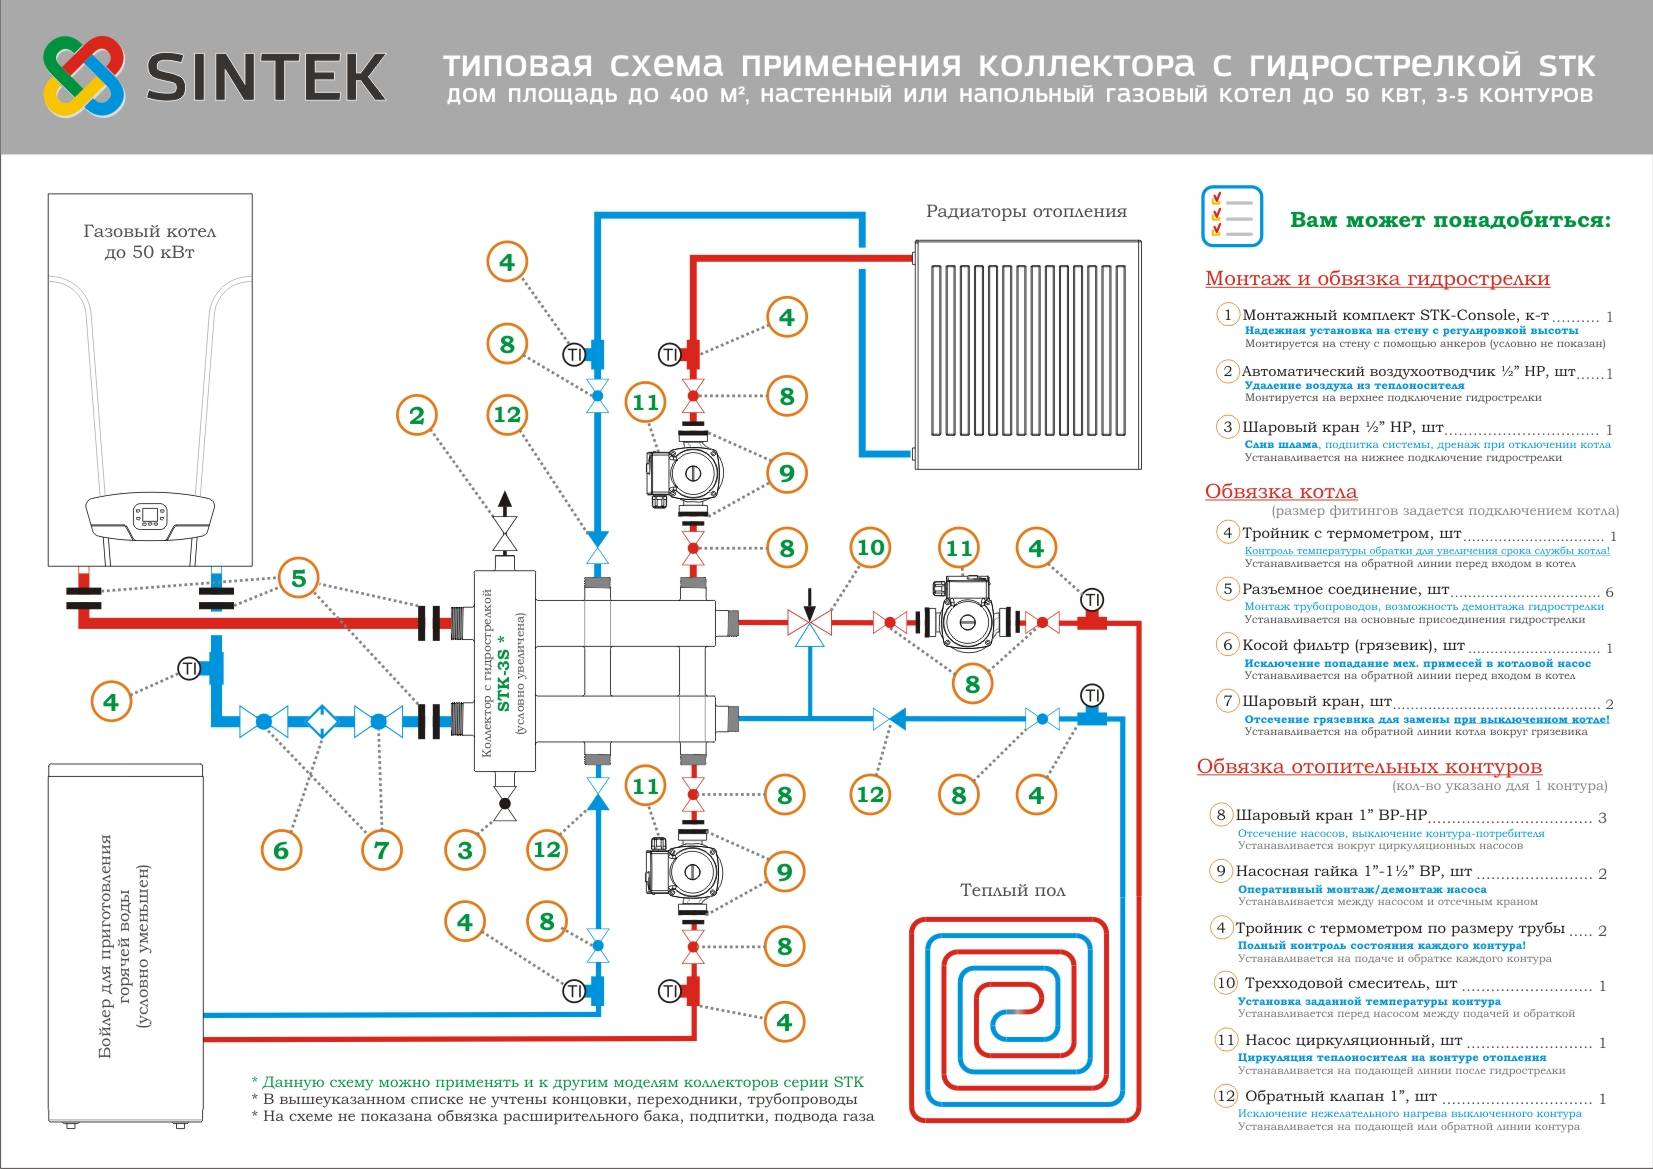 Подключение тёплого пола к системе отопления - подробная инструкция!